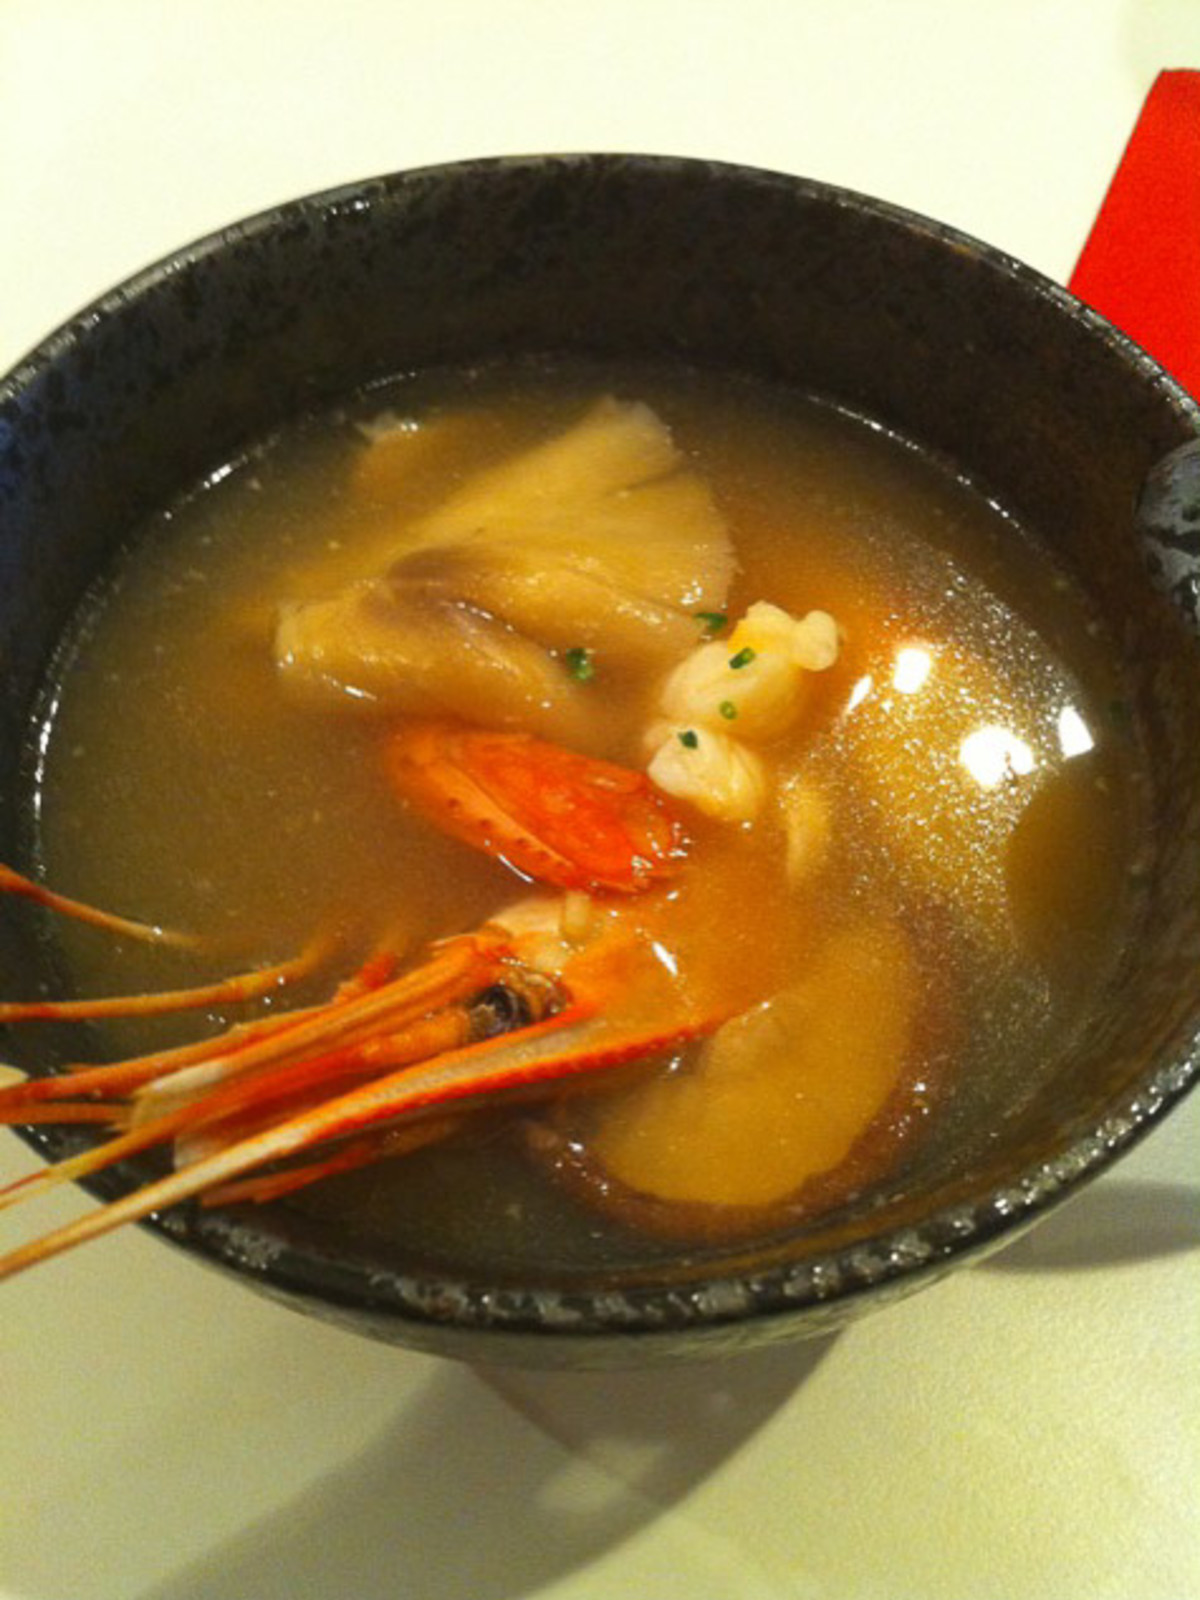 News_Sushi Raku_CultureMap_soup